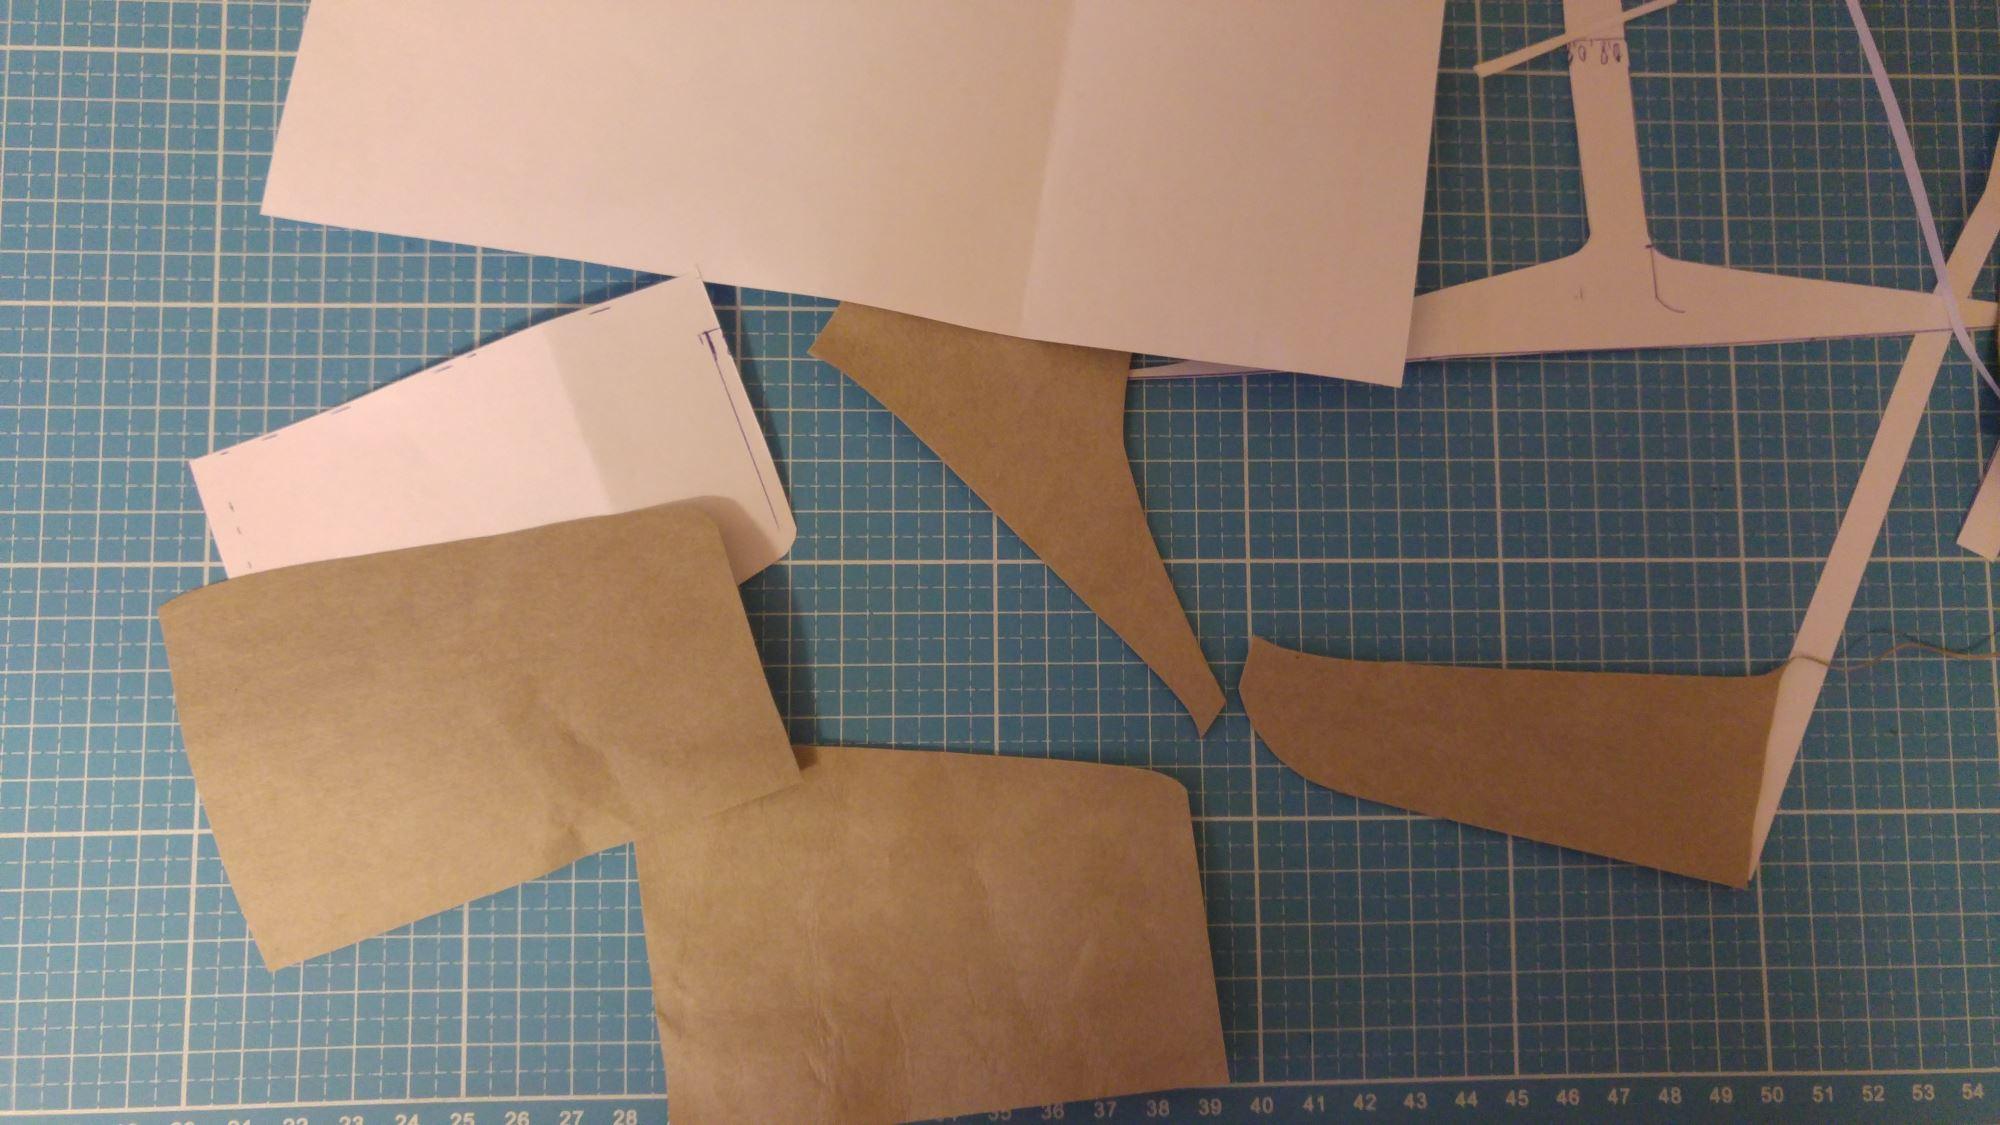 Schnittmuster ausschneiden und die Teile entsprechend vorbereiten. 1 x das lange Außenteil und 2 x die Steckfächer innen.